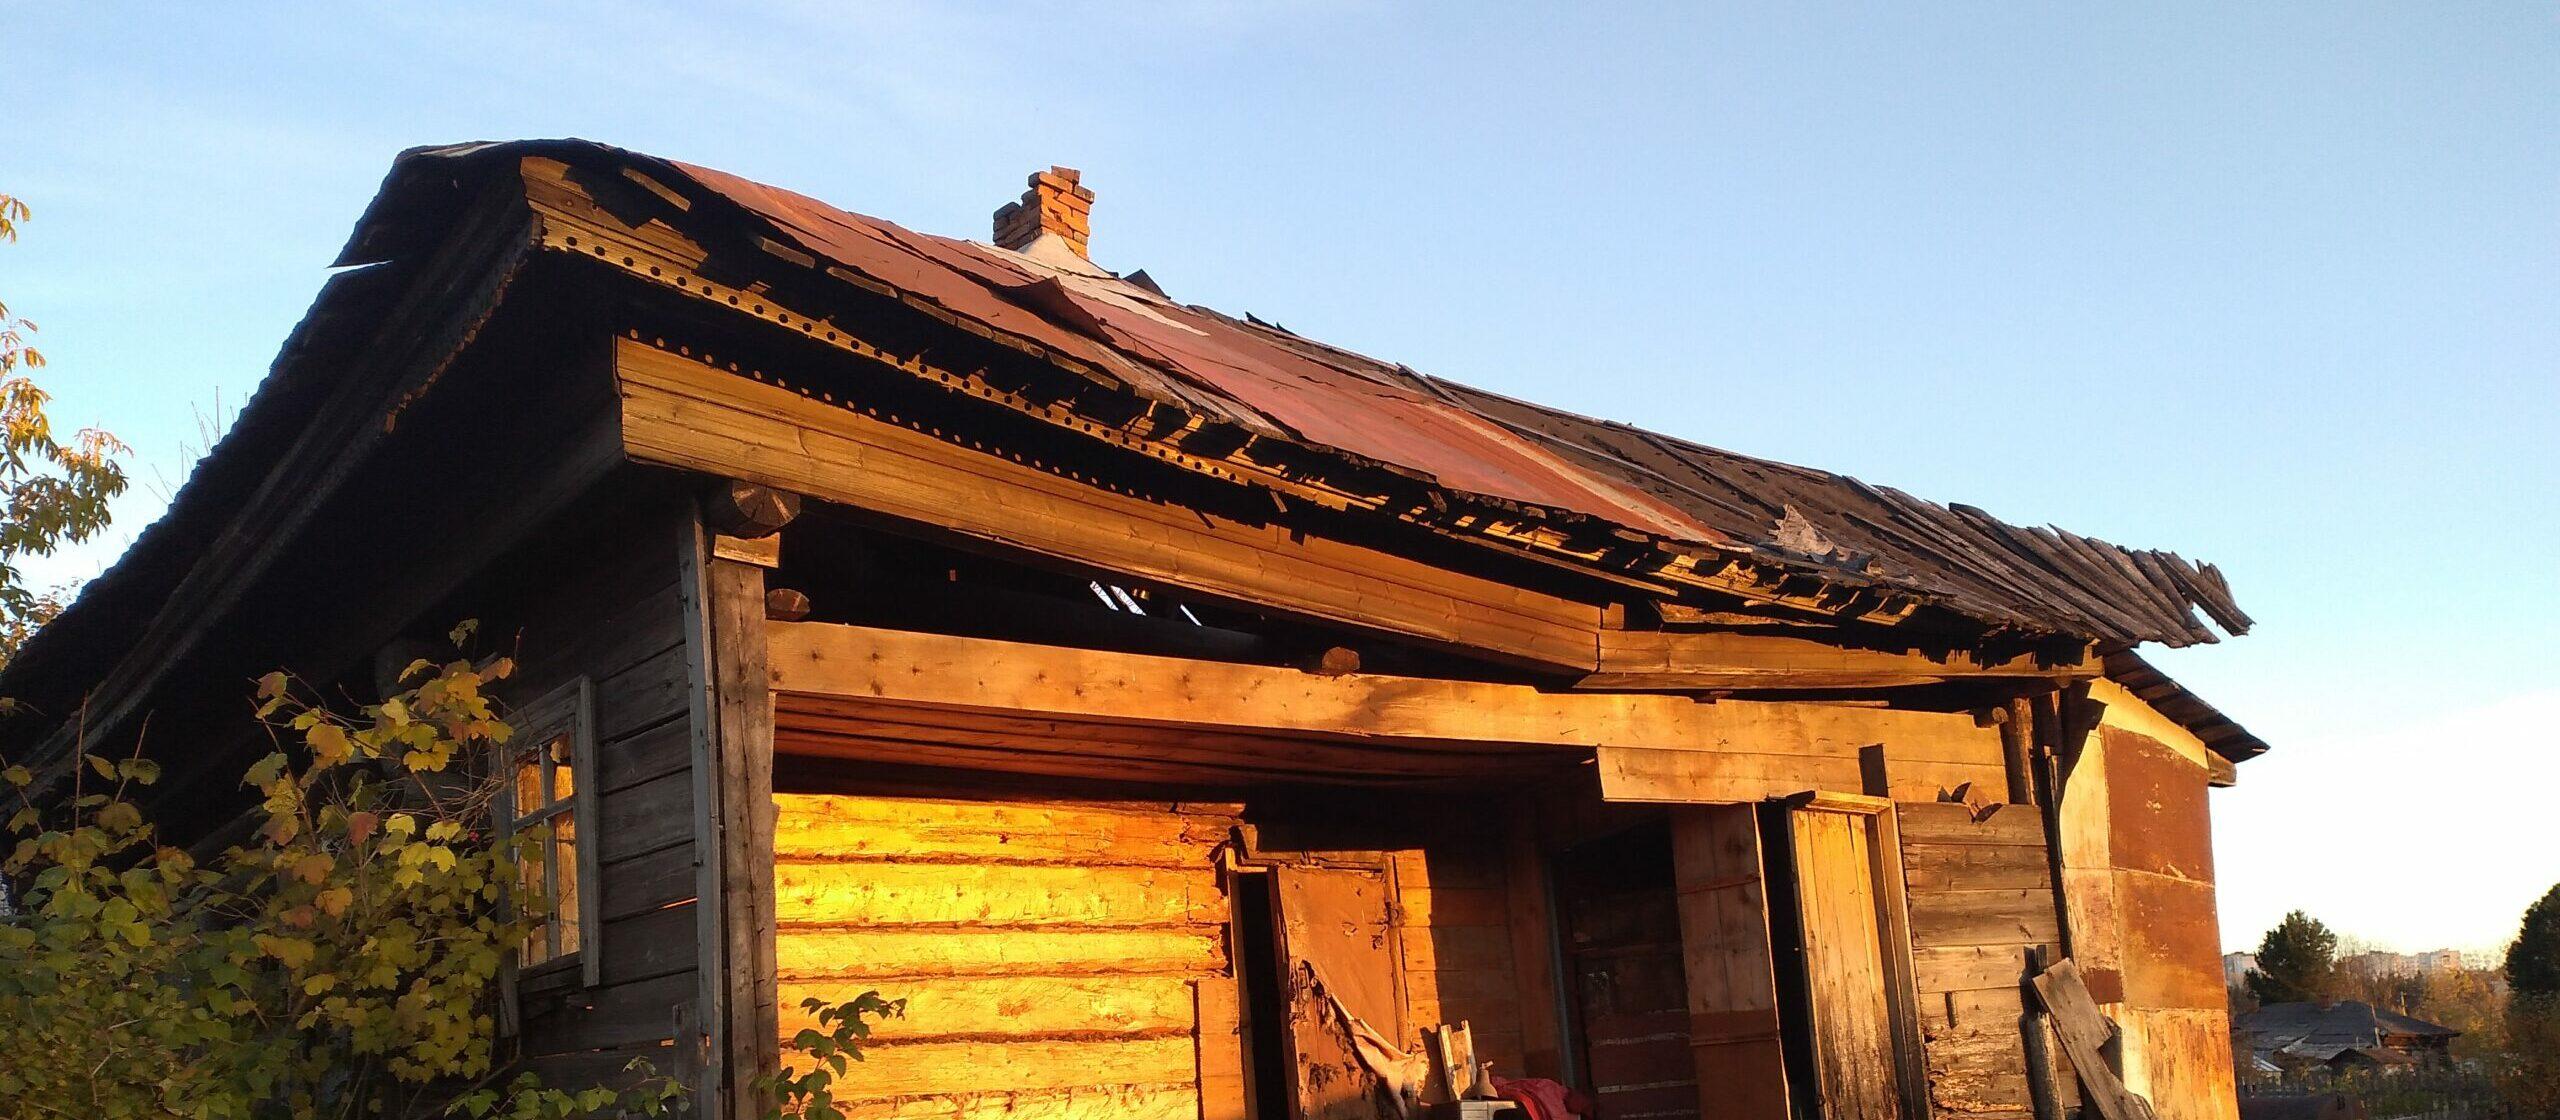 Легенда о заброшенном доме в селе Ананьино (Чернушинский район)